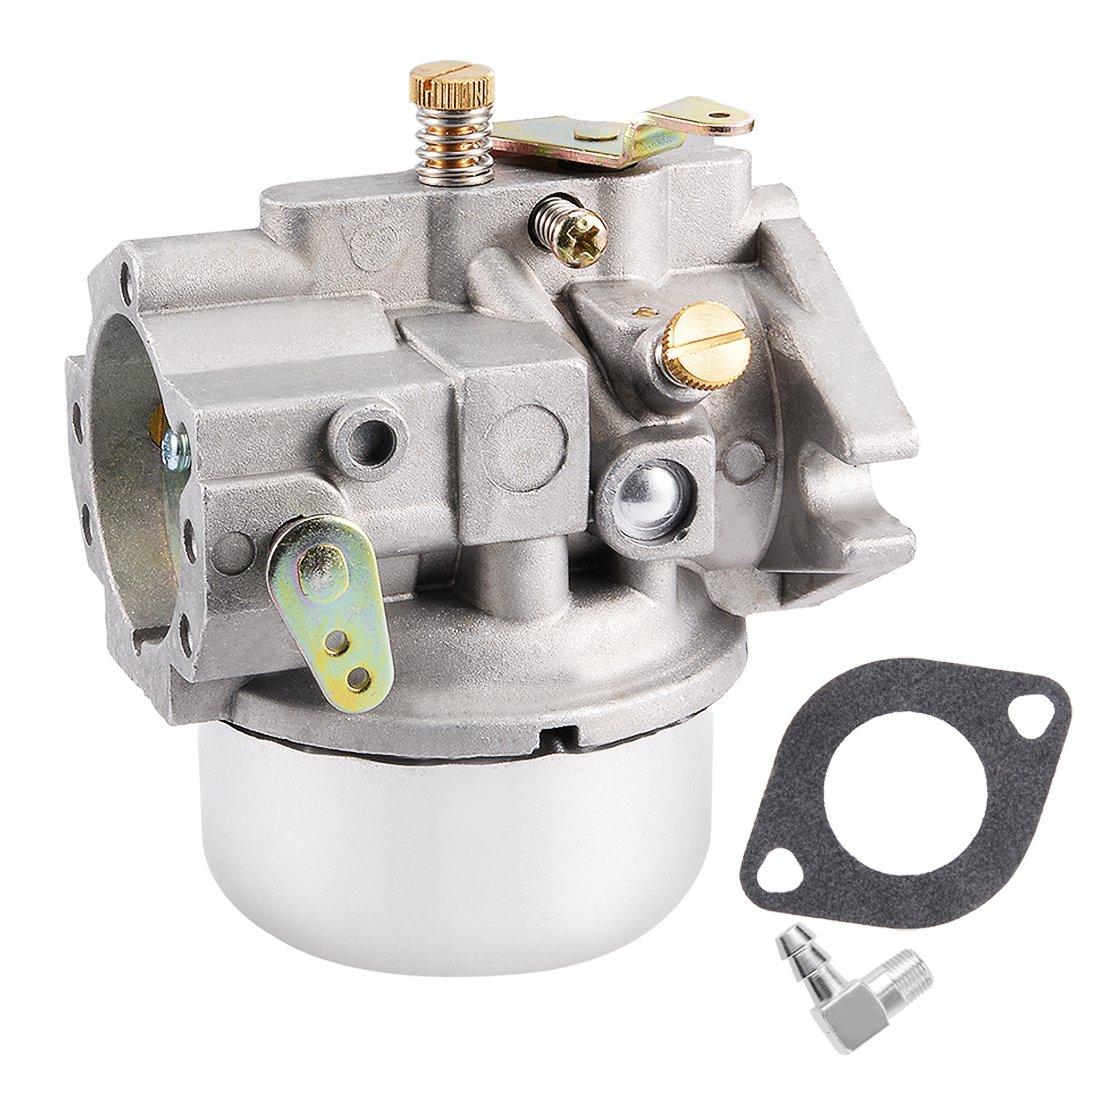 uxcell New Carburetor Carb for Kohler Magnum KT17 KT18 KT19 M18 M20 MV18  MV20 Engine 52-053-09/18/28 with Gasket